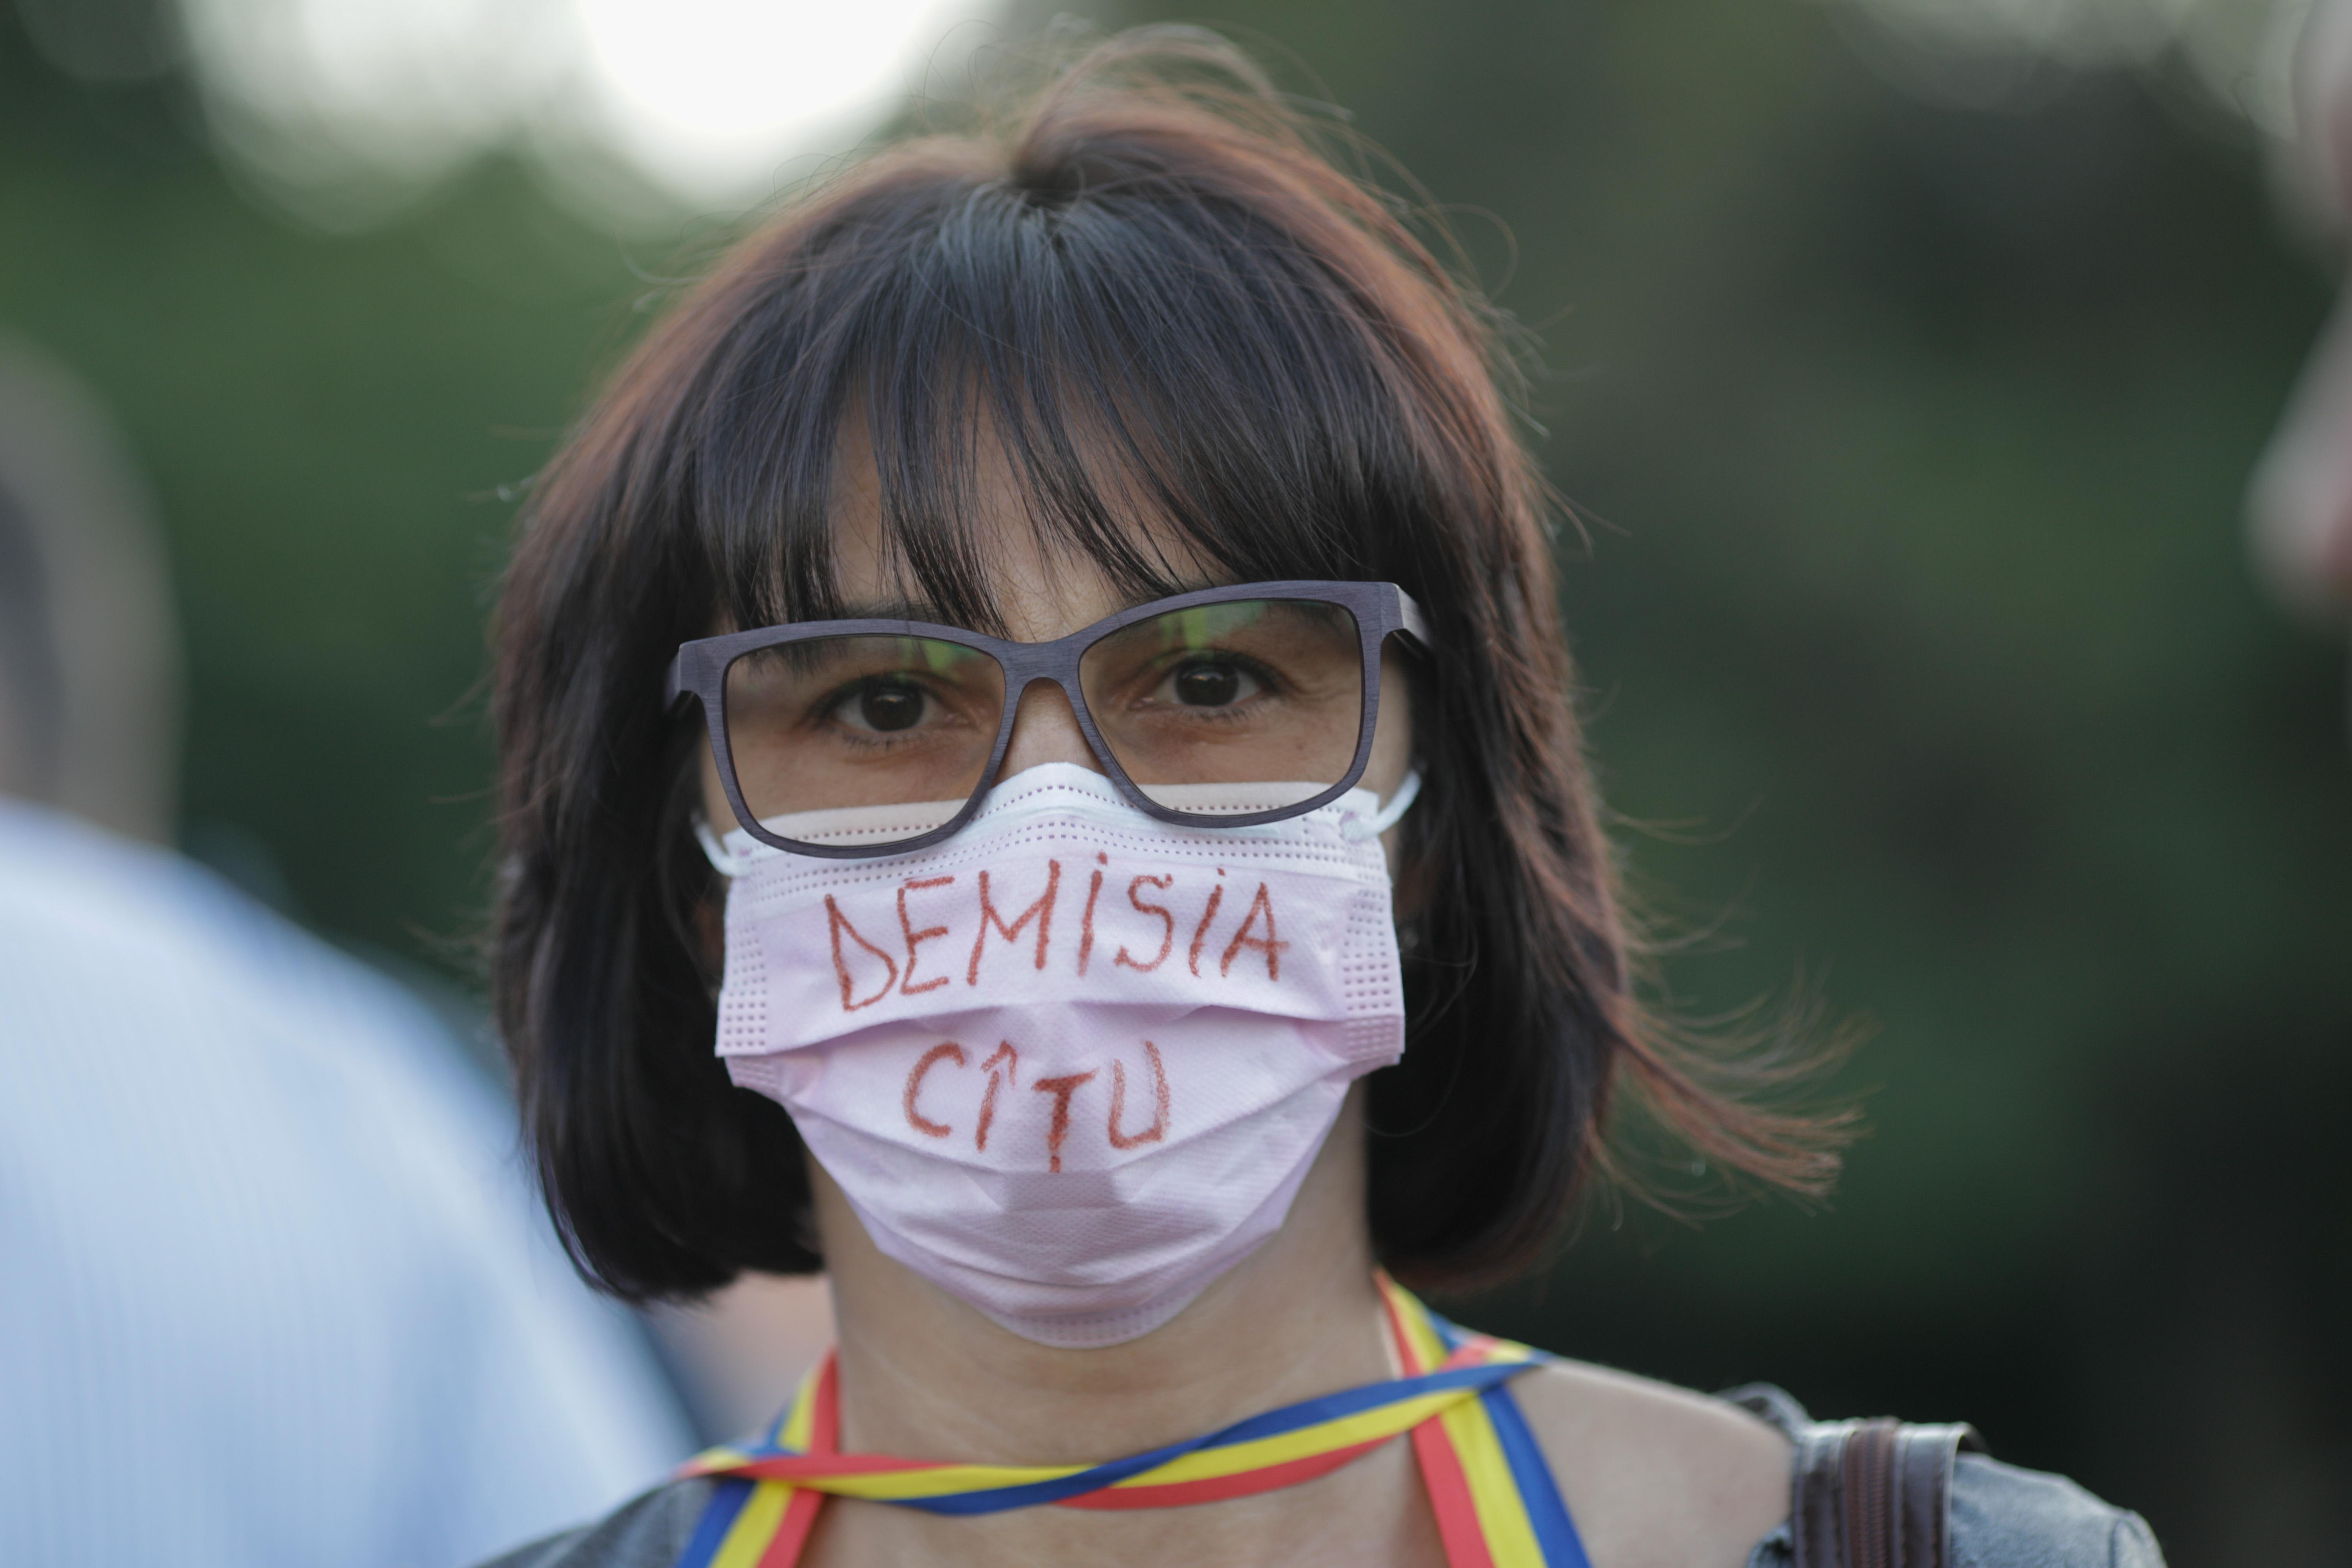 Protest în Piața Victoriei, cu câteva zeci de persoane. Manifestanții cer demisia premierului Cîțu